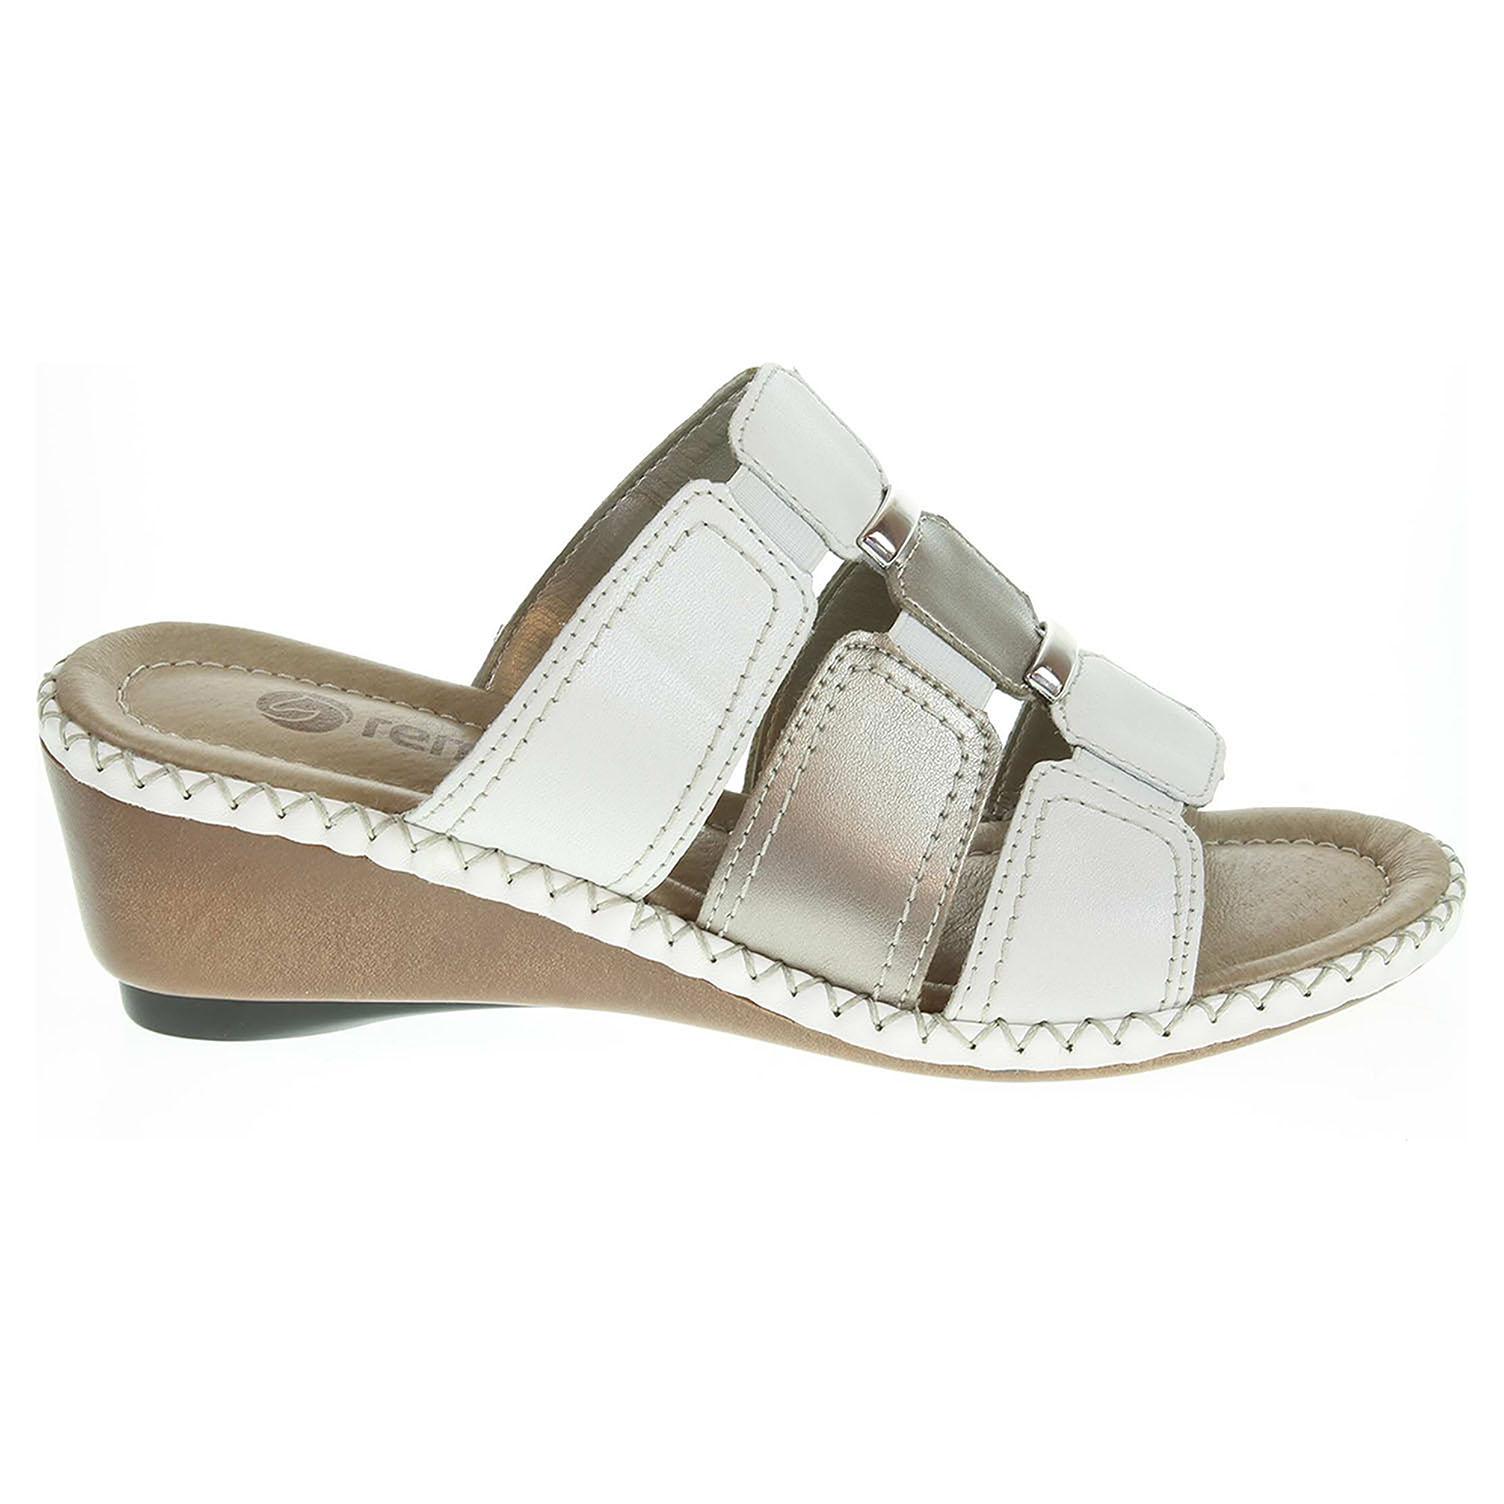 Ecco Remonte dámské pantofle D6153-80 bílé 23600678